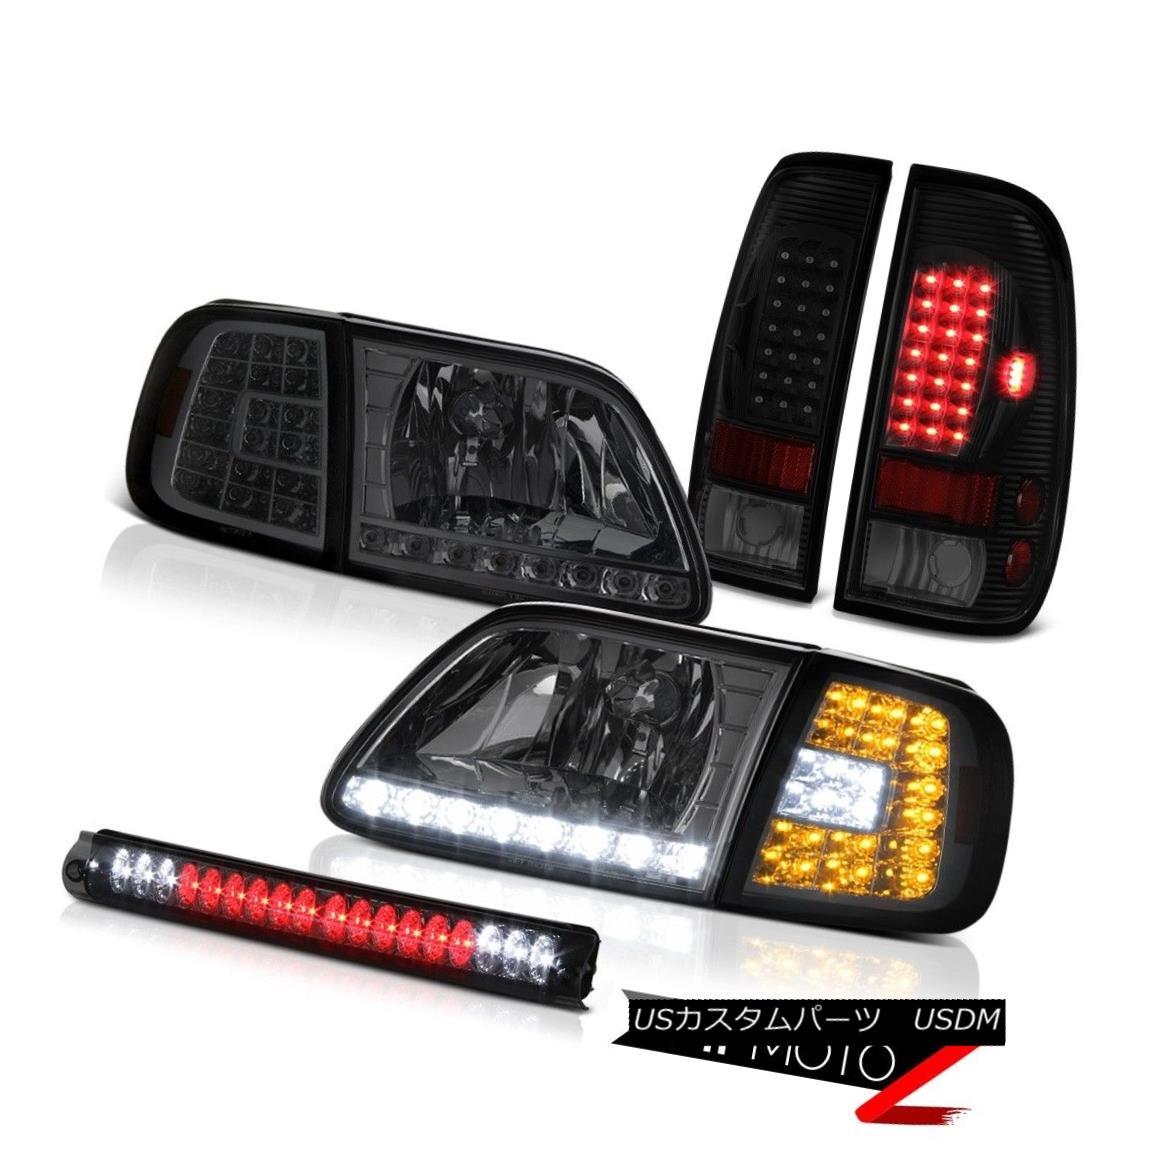 ヘッドライト 1997-2003 F150 Xl Headlights Roof Brake Lamp Sinister Black Tail Lights LED SMD 1997-2003 F150 Xlヘッドライトルーフブレーキランプ不快な黒テールライトLED SMD